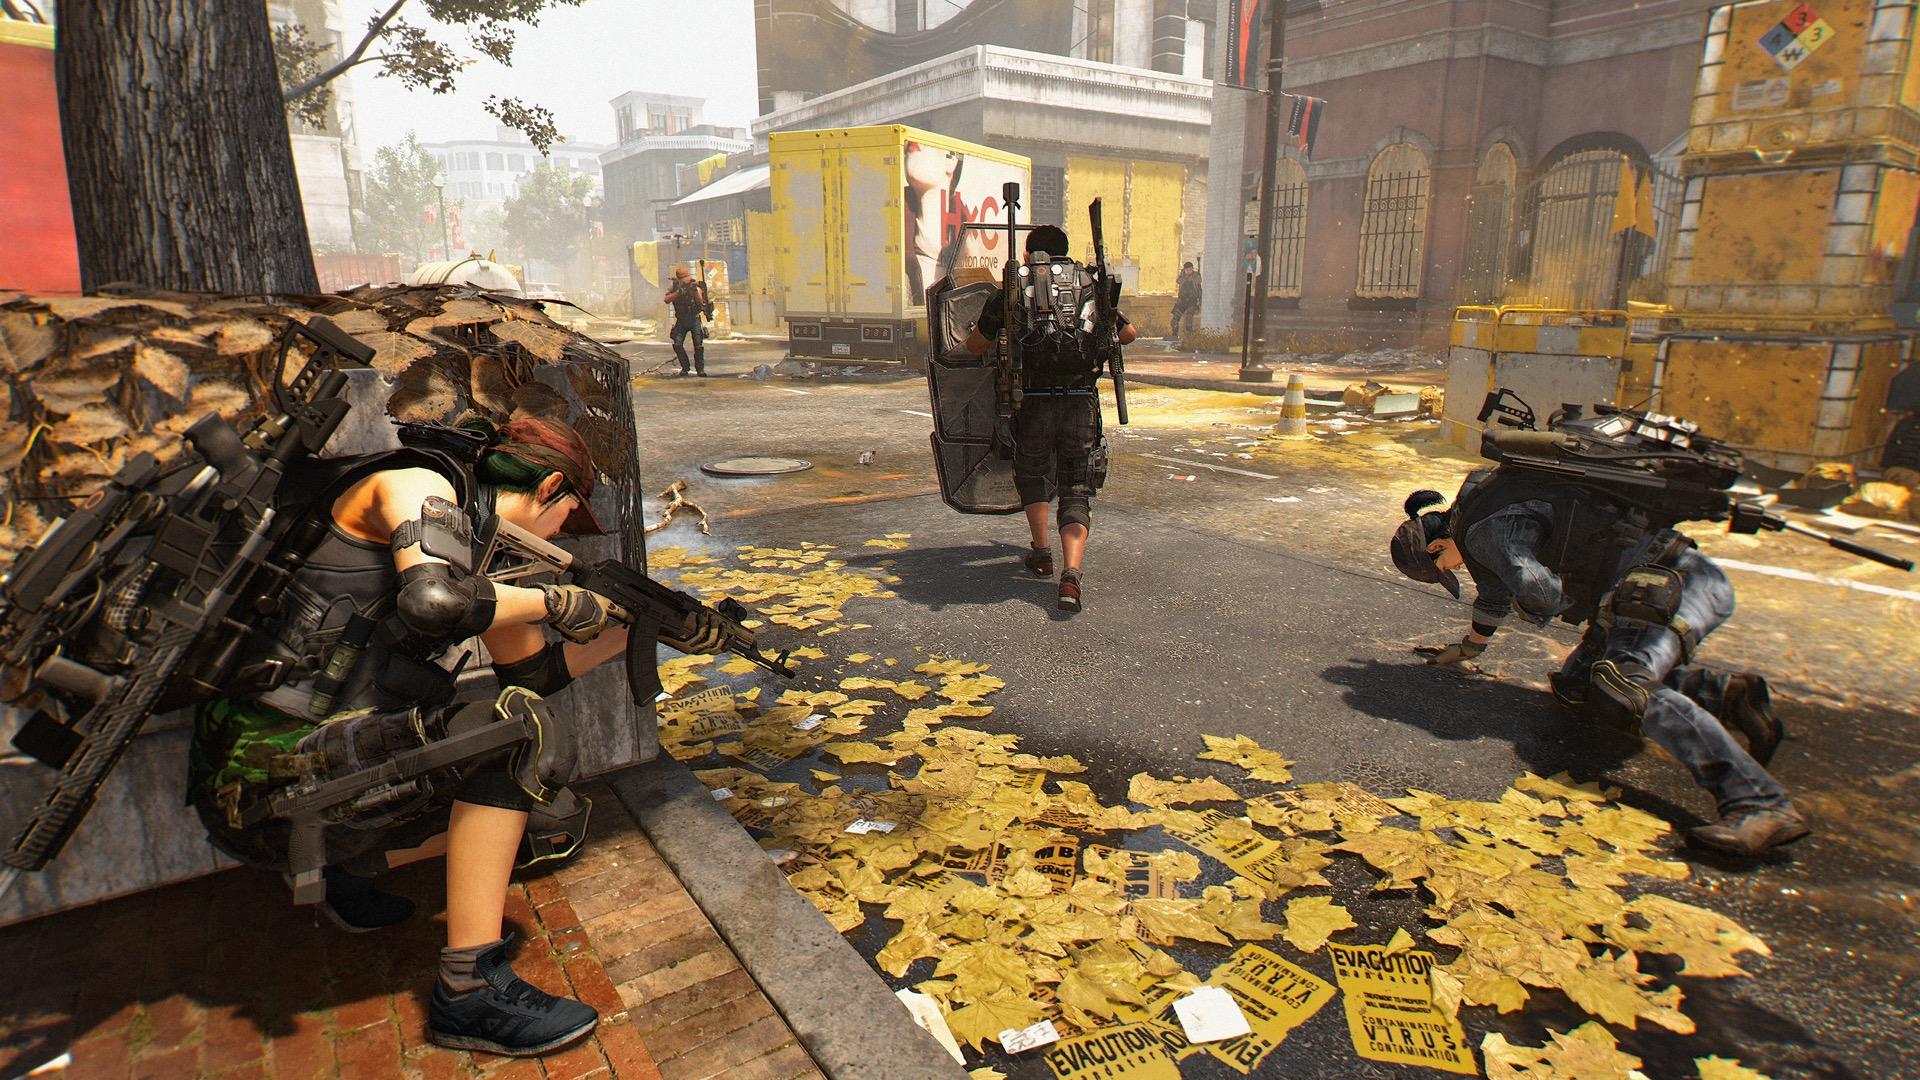 The Division 2's endgame content arrives April 5